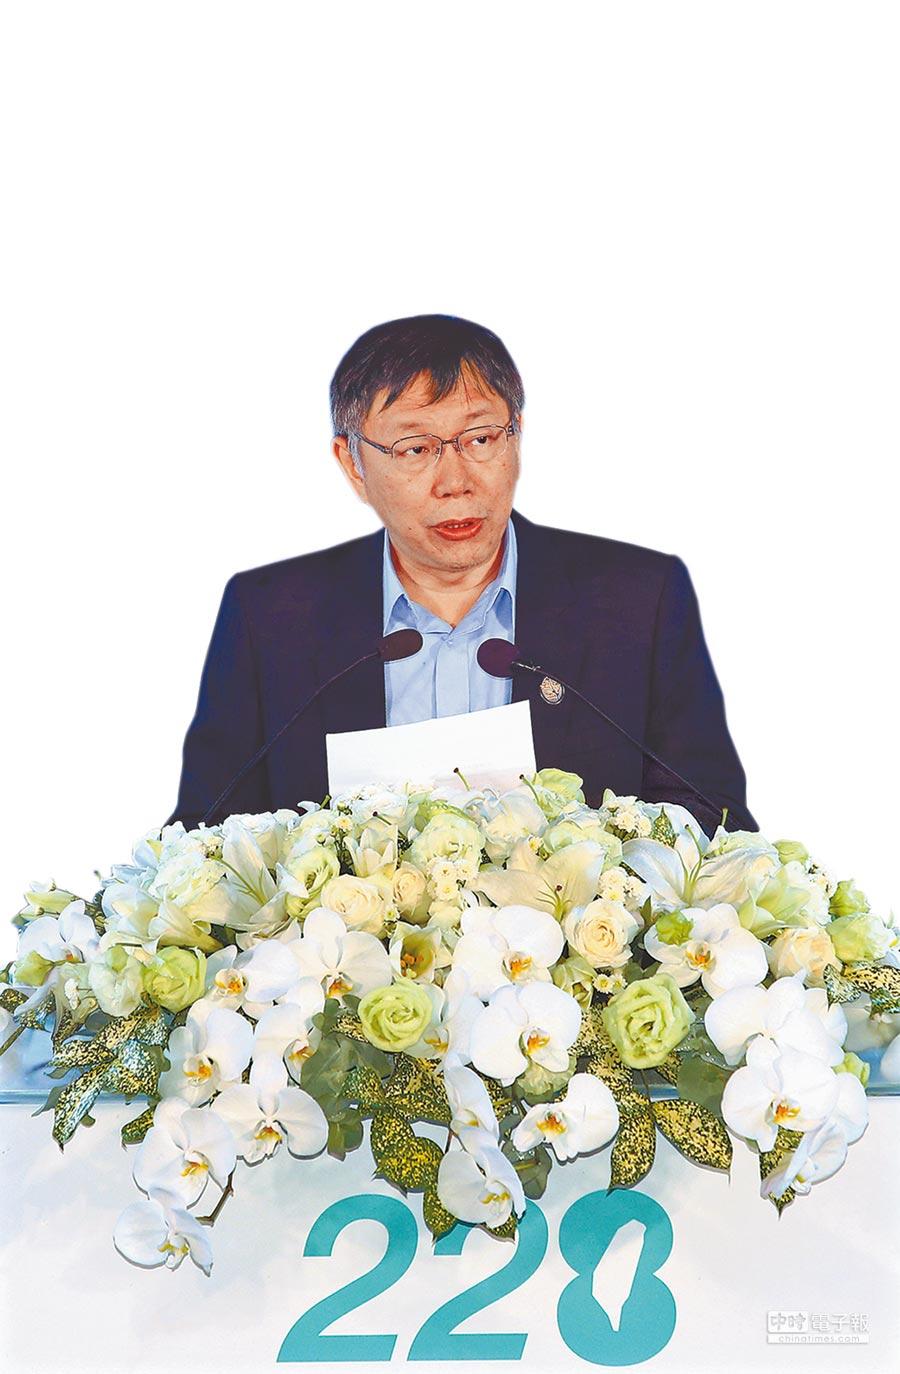 放下  228事件70周年,台北市長柯文哲致詞時強調,希望仇恨能在這一世代終結,讓228為台灣帶來新的時代意義,讓台灣更加和諧團結,而非只有悲傷對抗。(陳信翰攝)